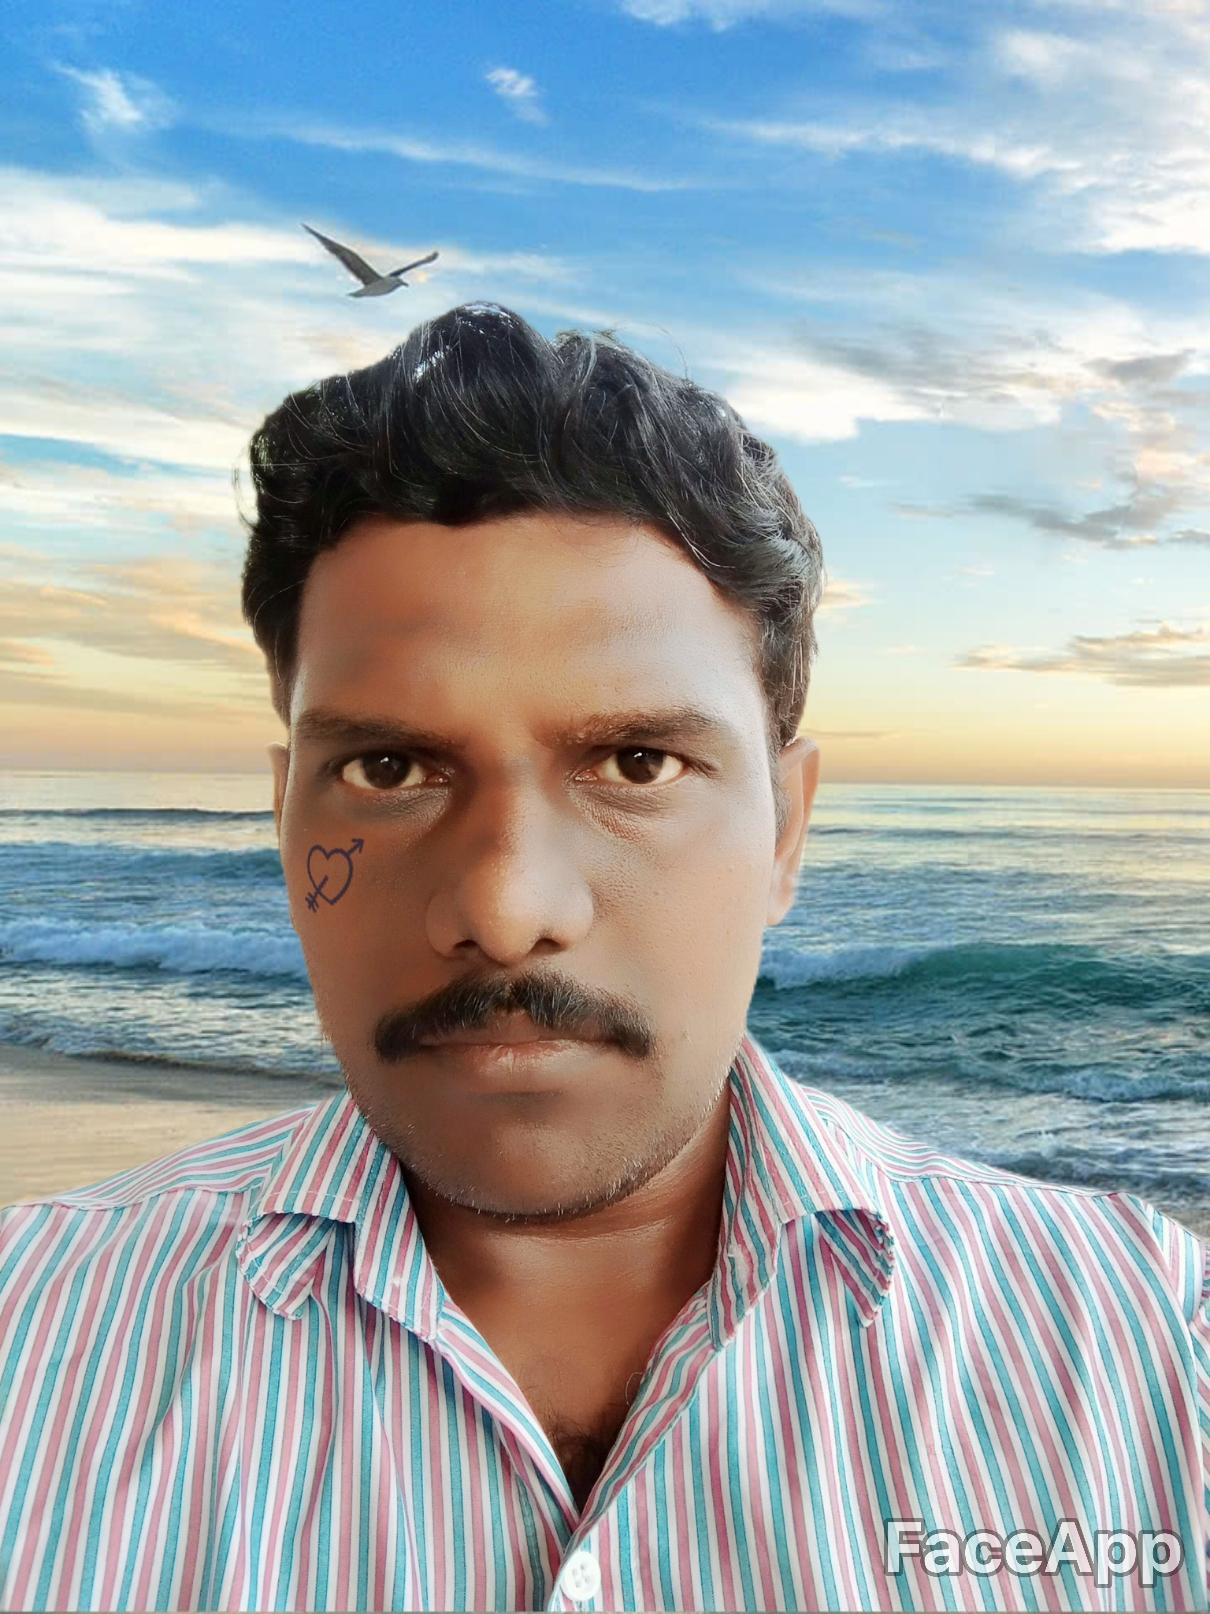 FaceApp_1564073981542.jpg